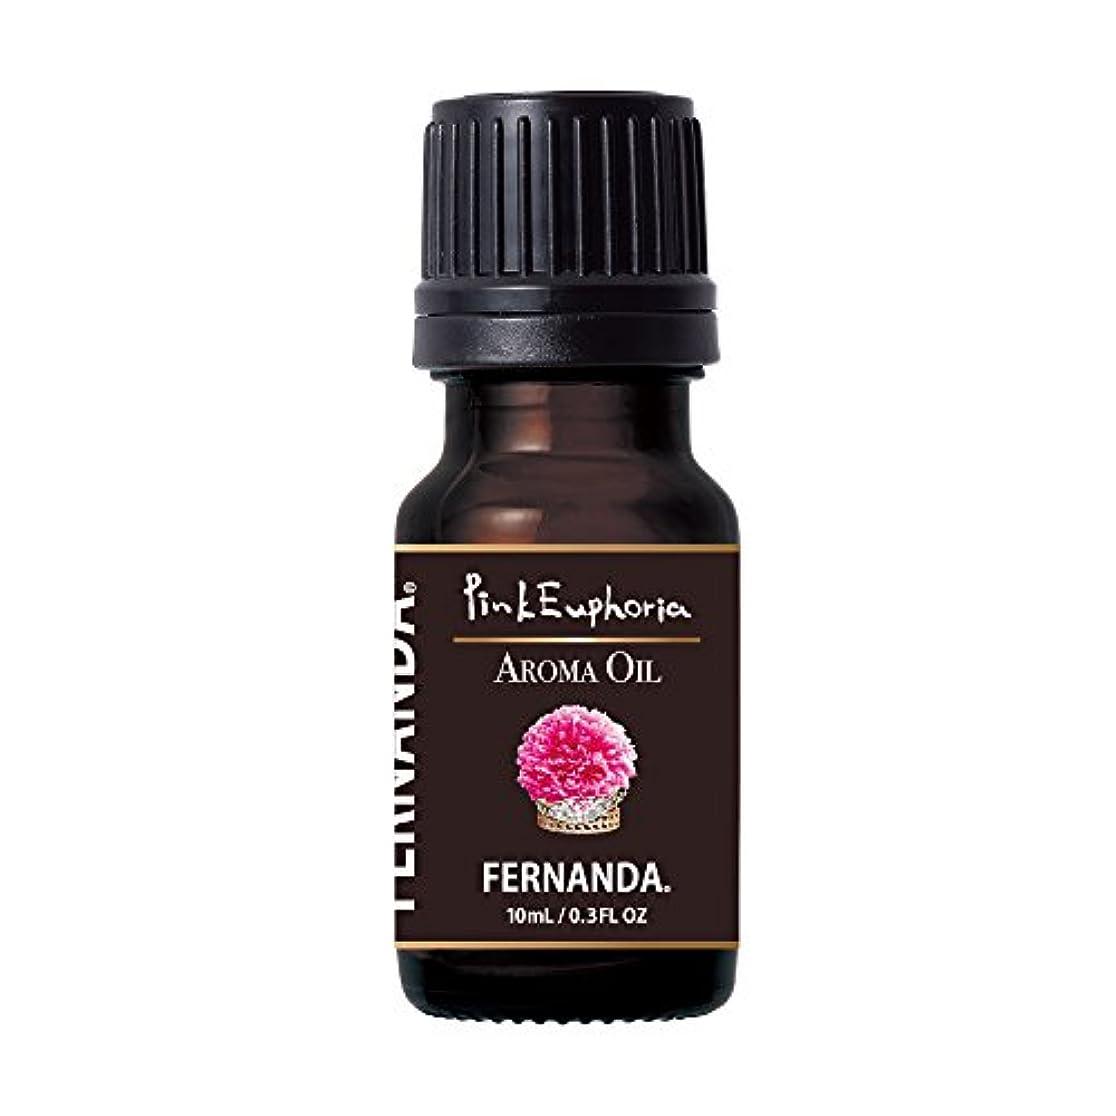 聖なる推定計算FERNANDA(フェルナンダ) Fragrance Aroma Oil Pink Euphoria (アロマオイル ピンクエウフォリア)